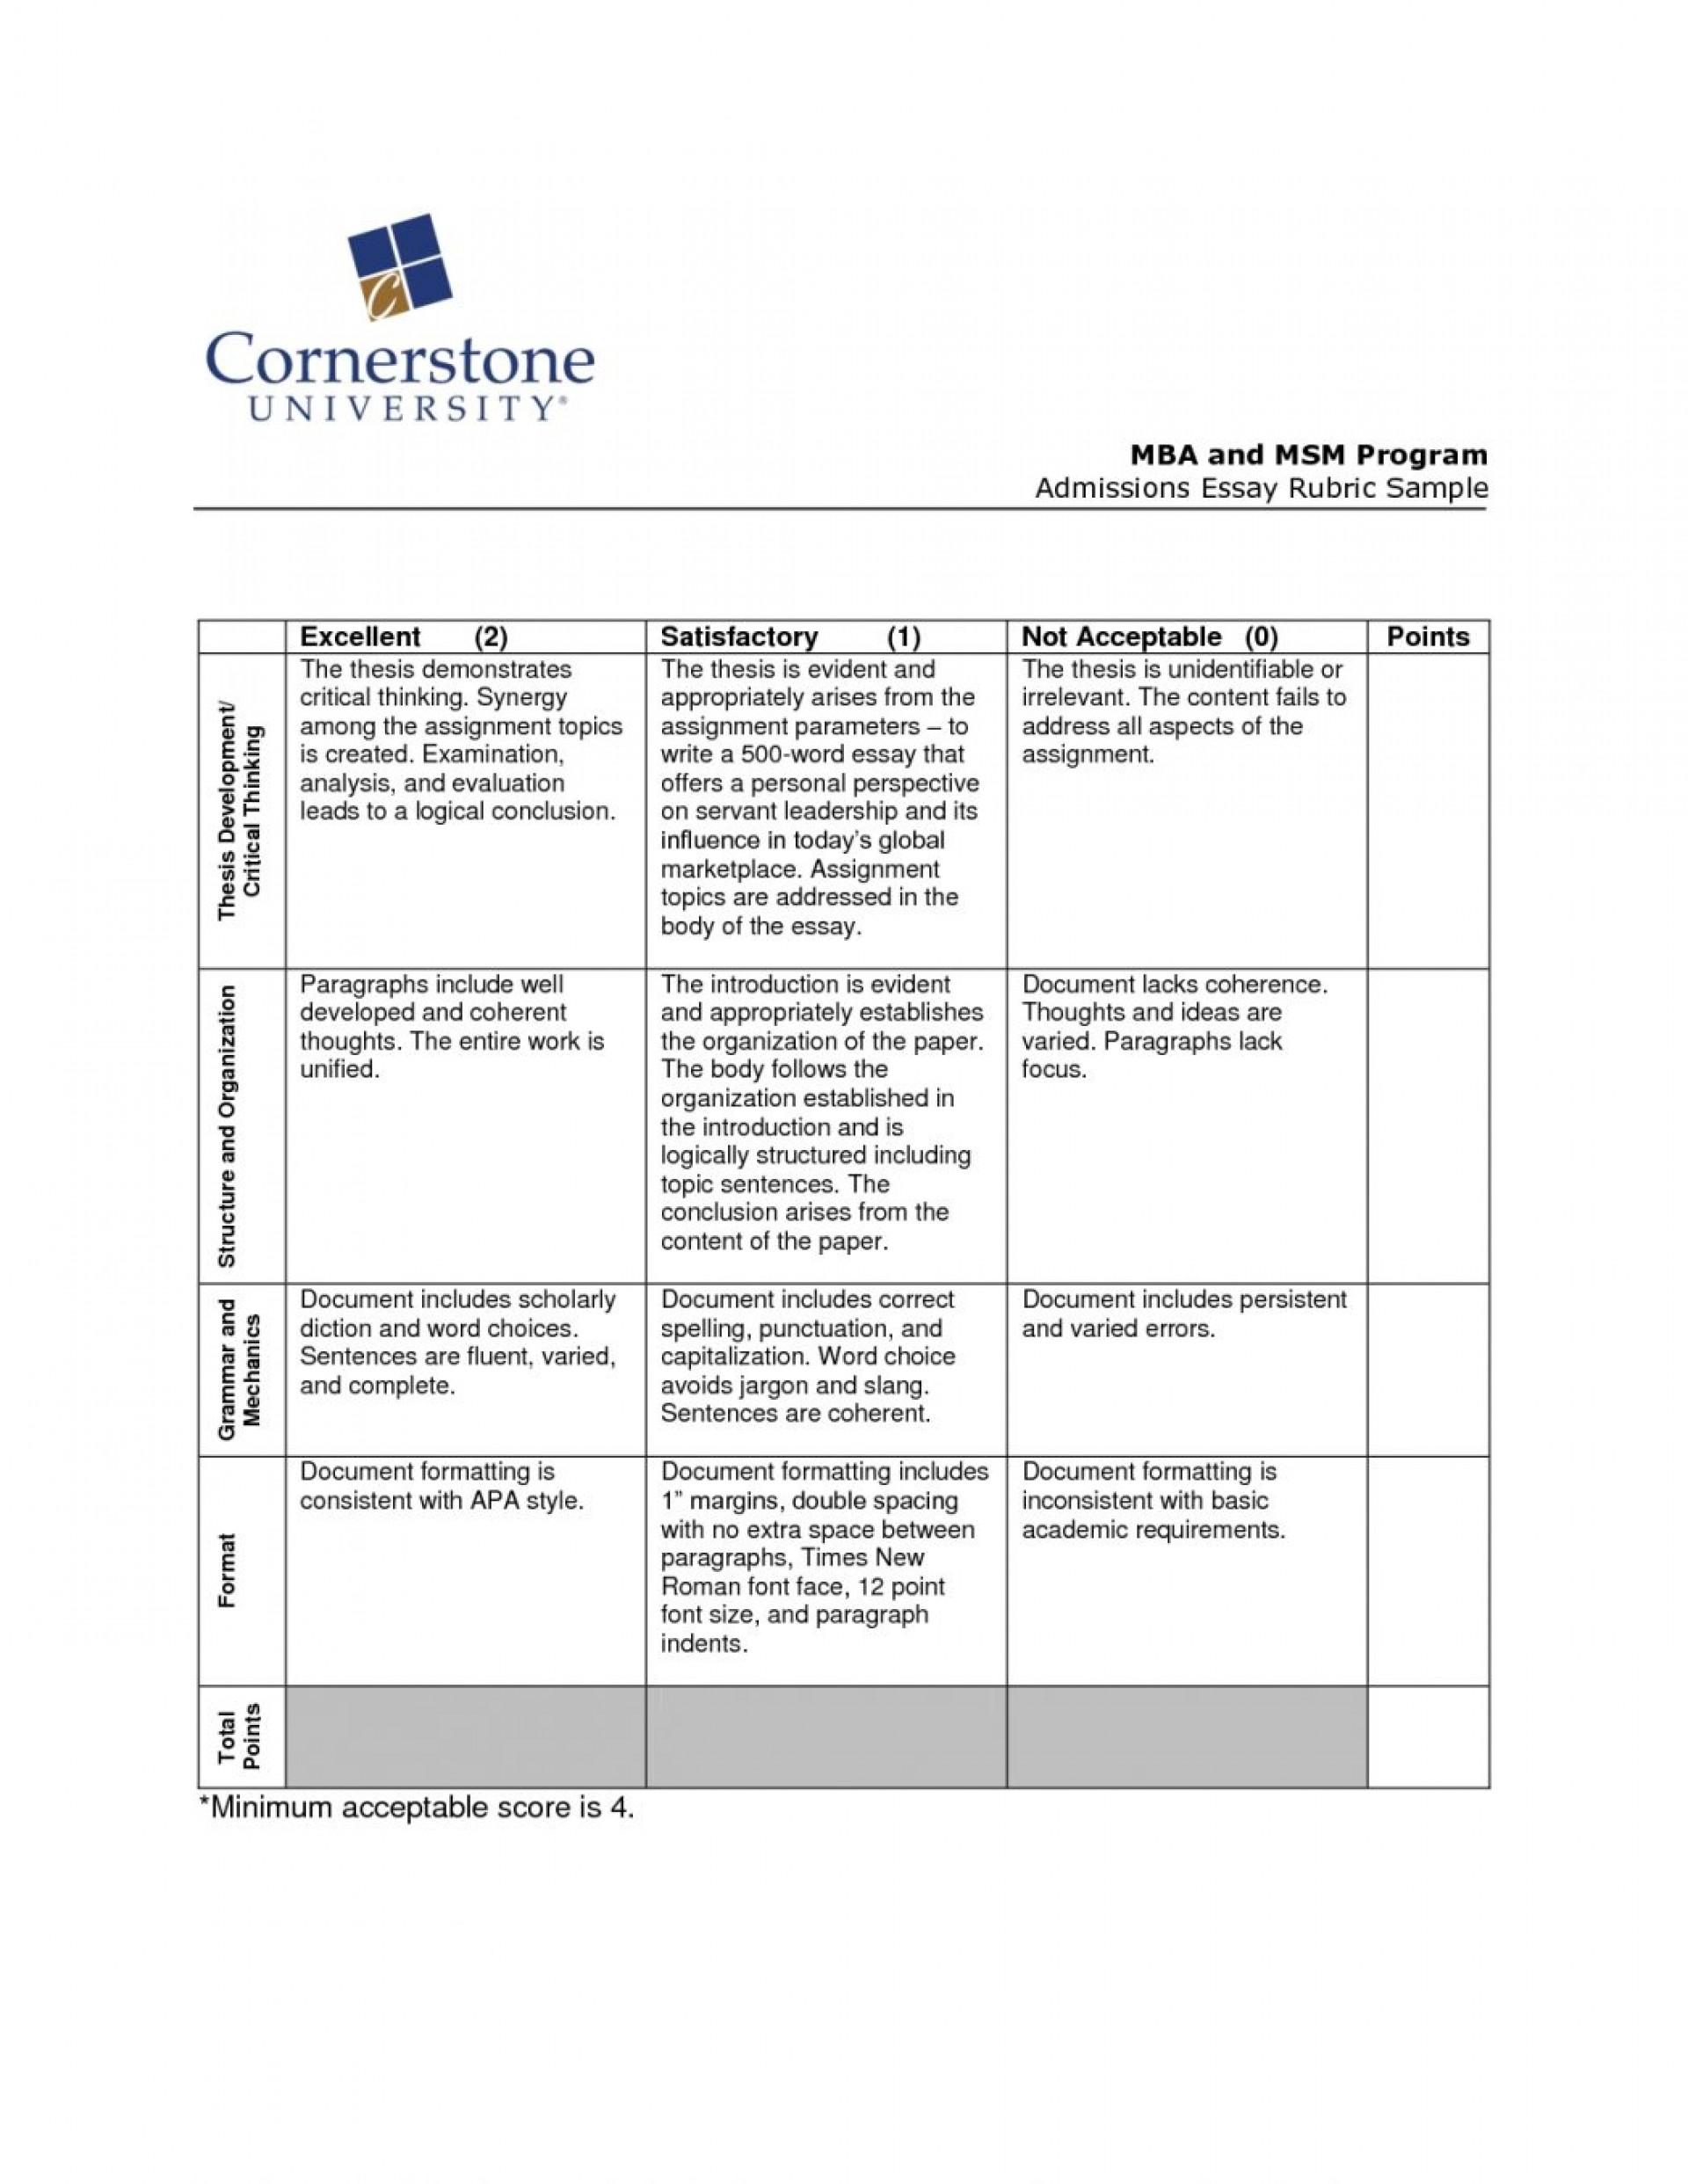 are literature review qualitative or quantitative